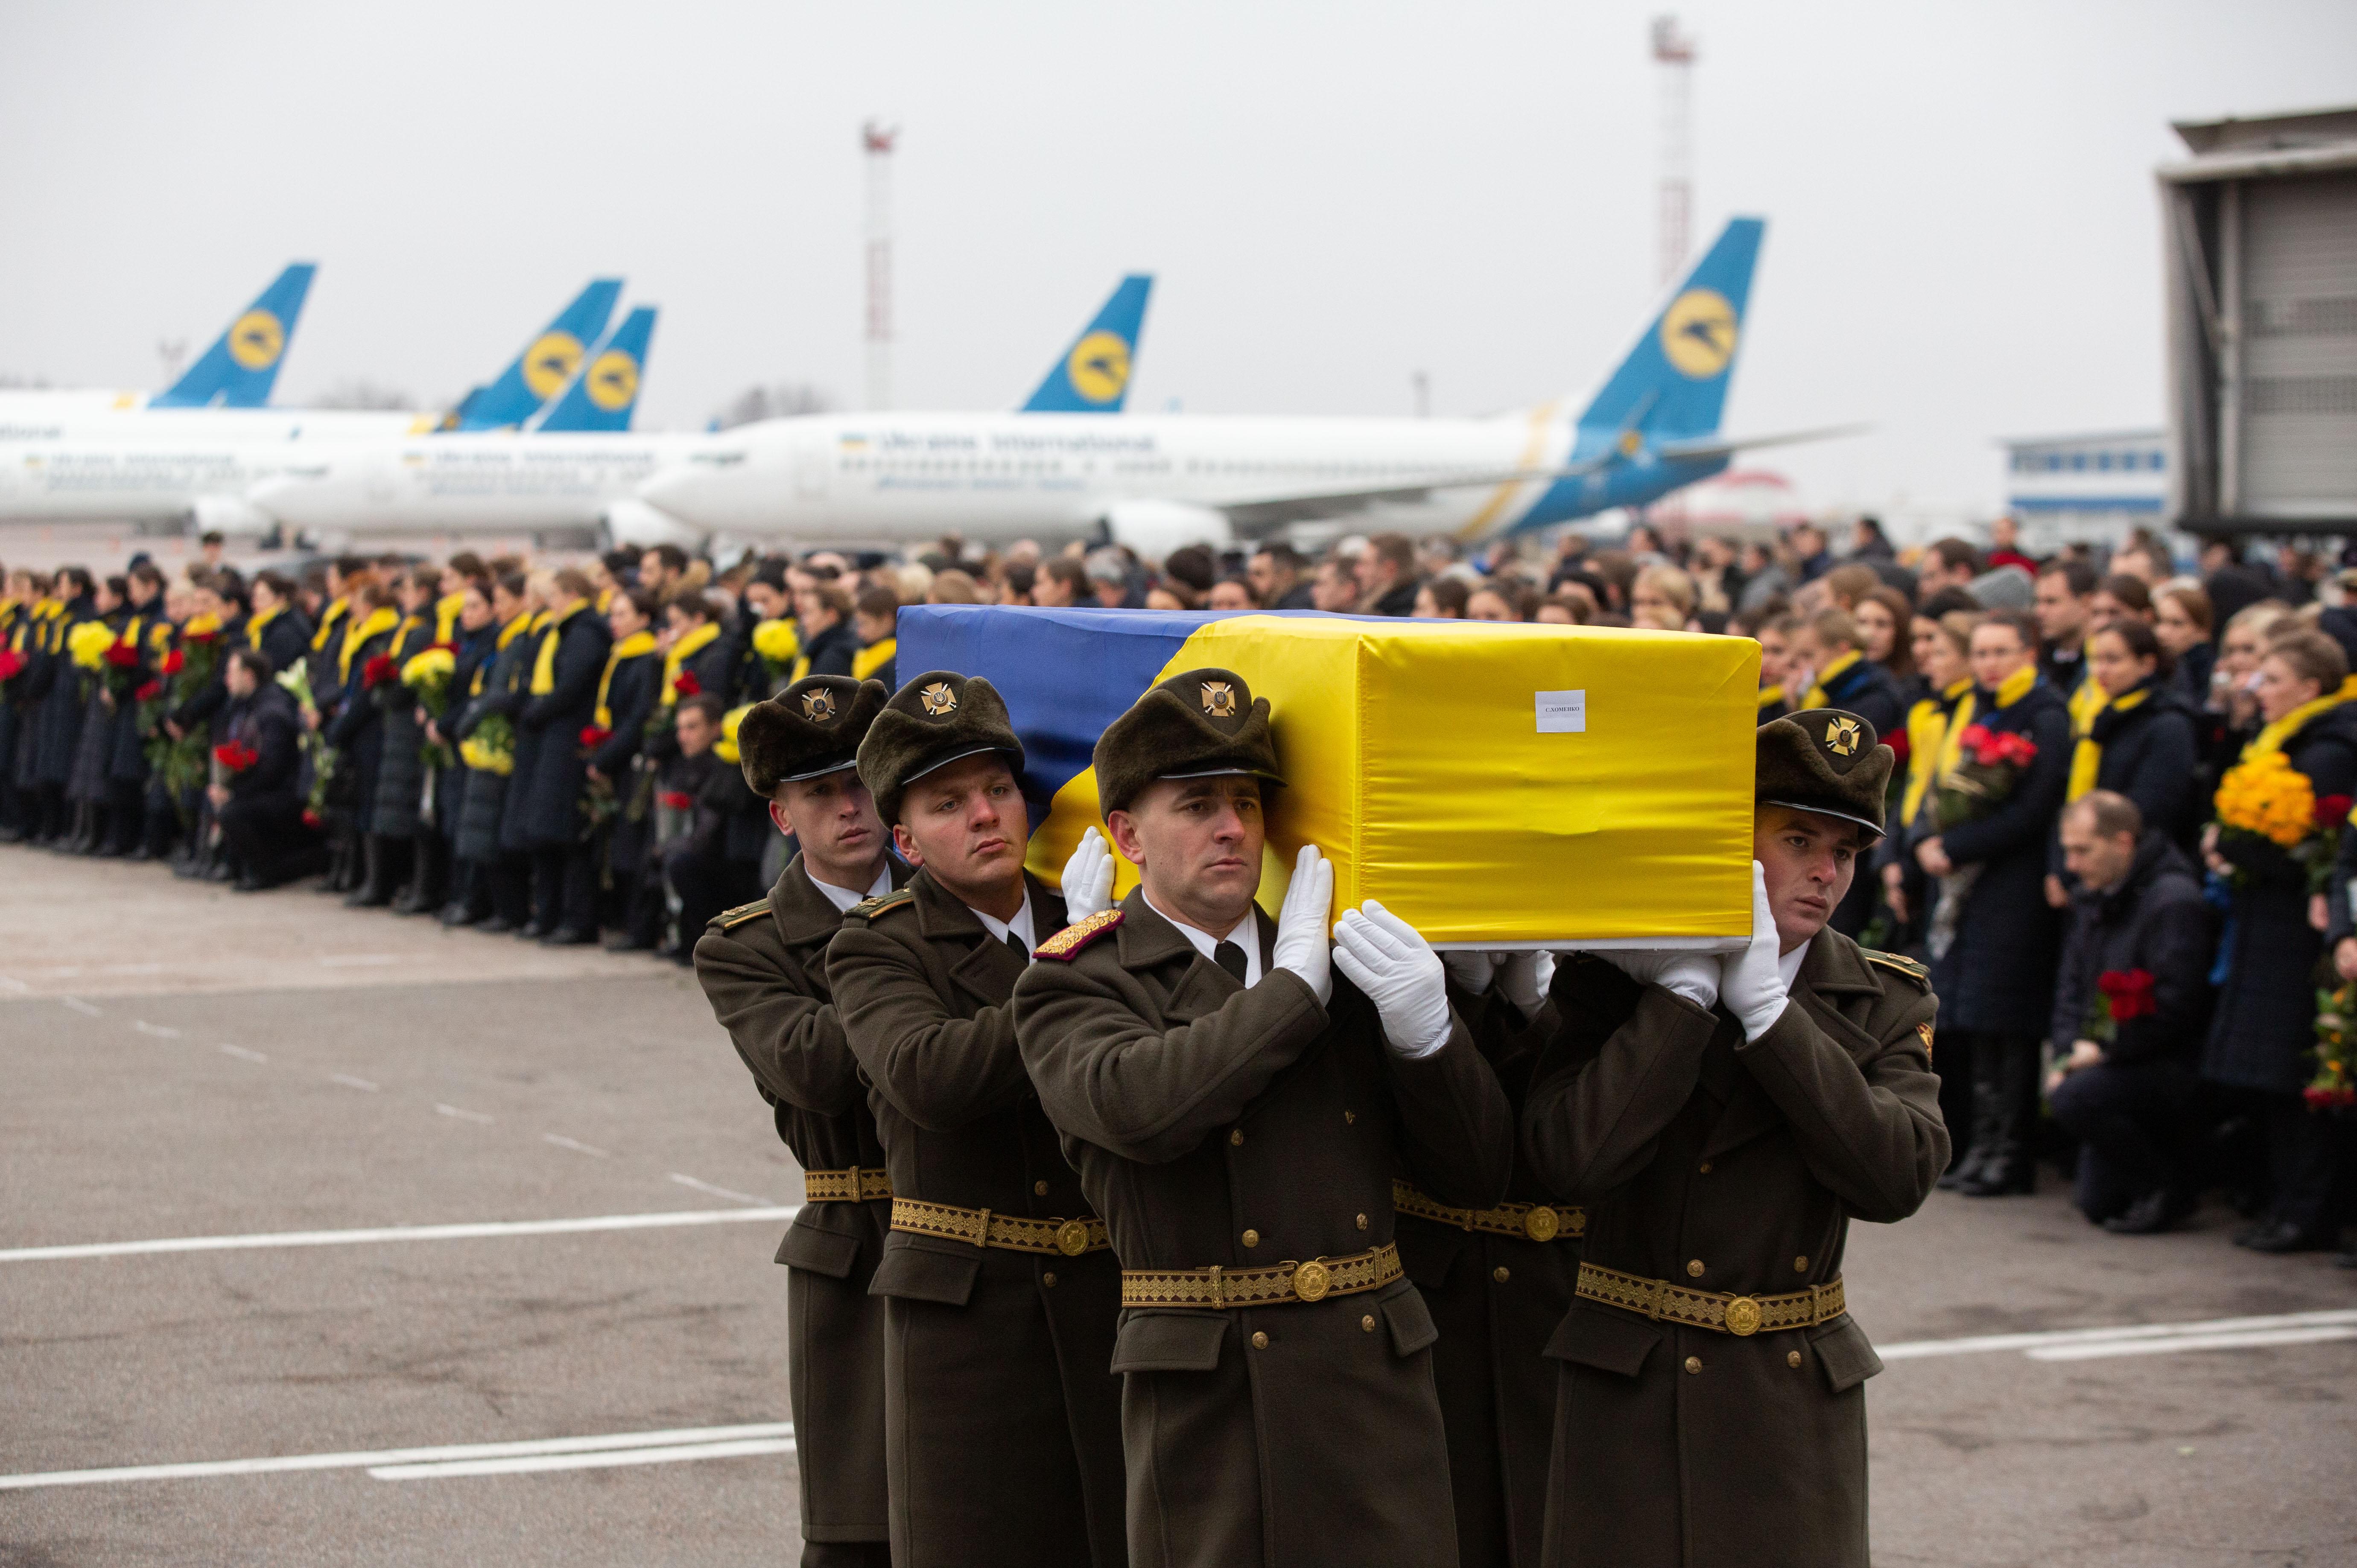 Hazatértek a Teherán fölött lelőtt gép ukrán áldozatainak maradványai